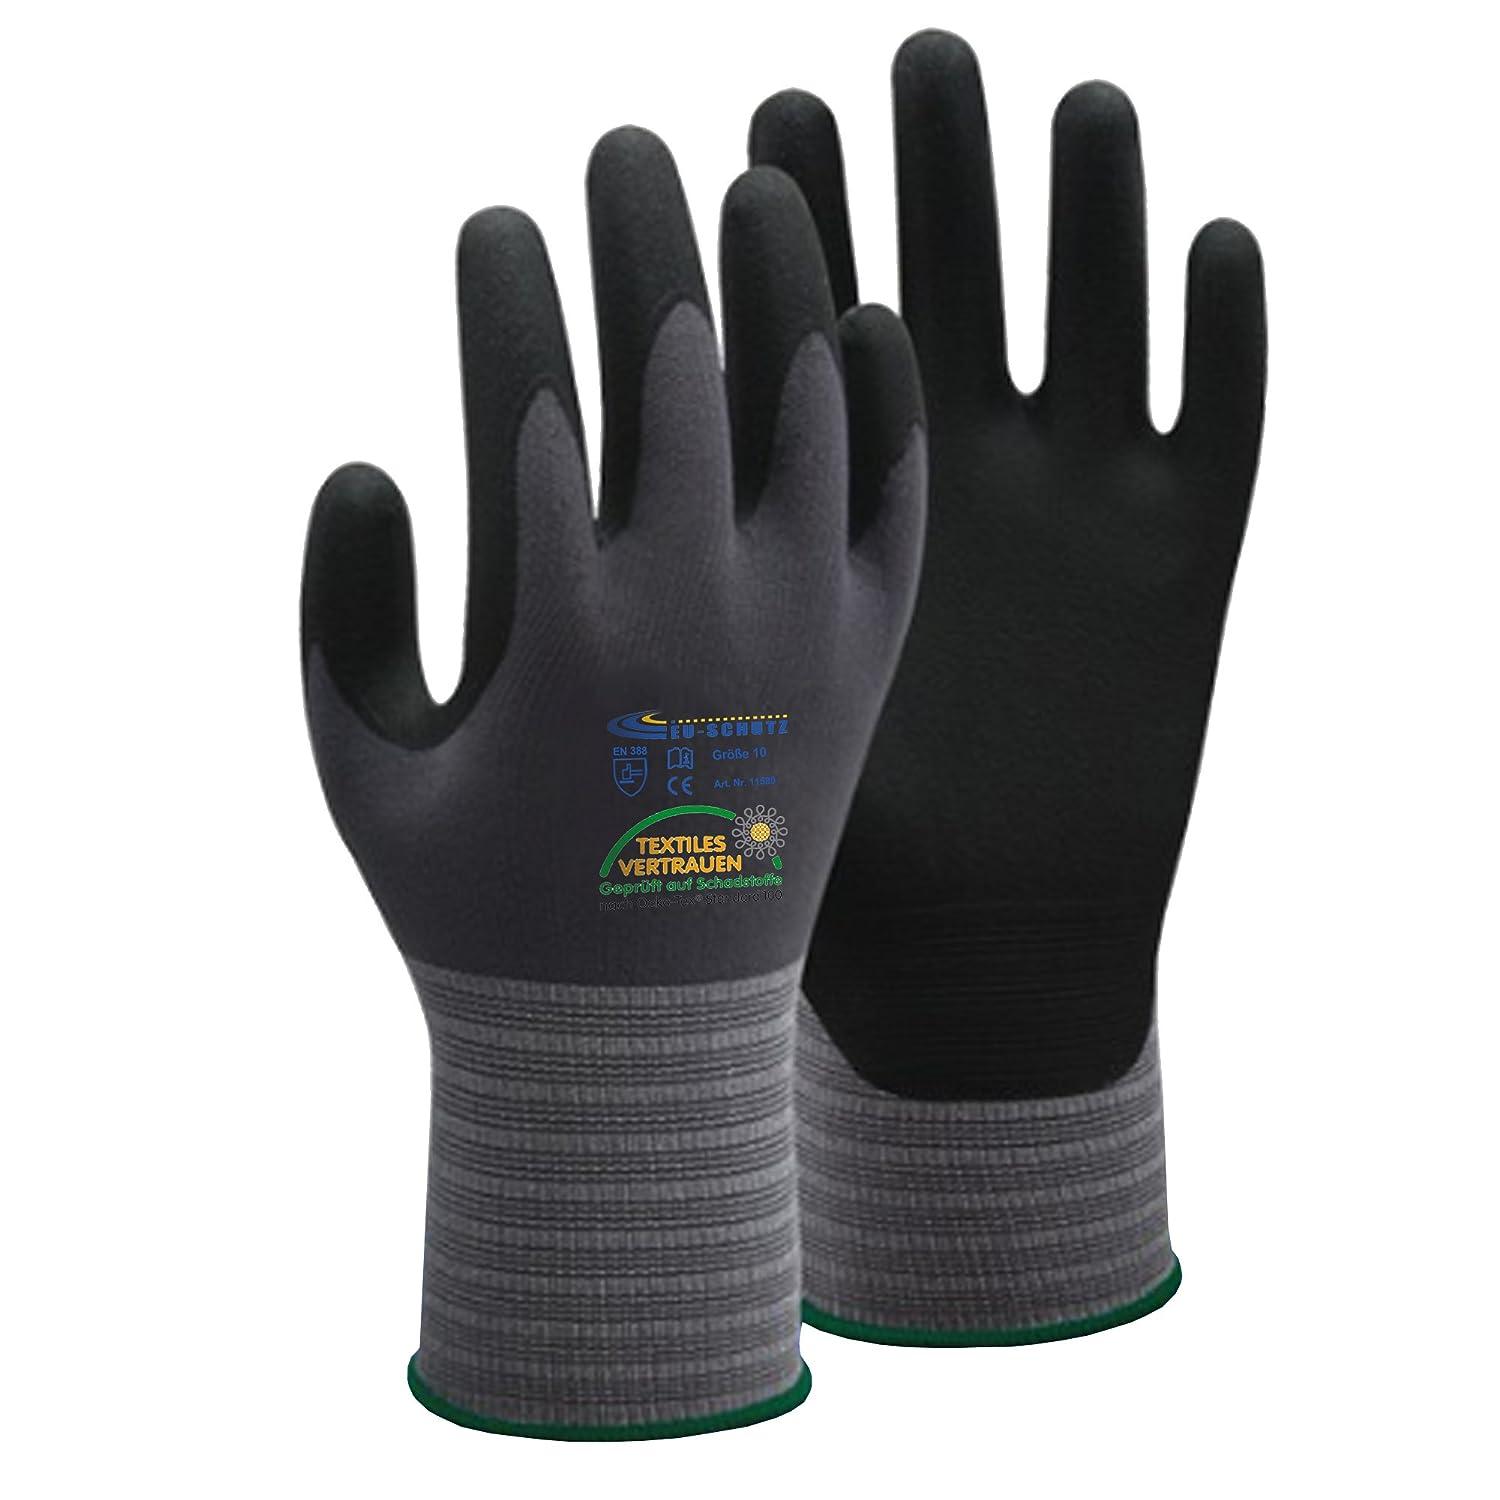 12 –  120 pares de nailon Guantes de punto guantes de trabajo Guantes de protecció n Guantes de montaje –  Despué s de EN388, Gris EU-Schutz